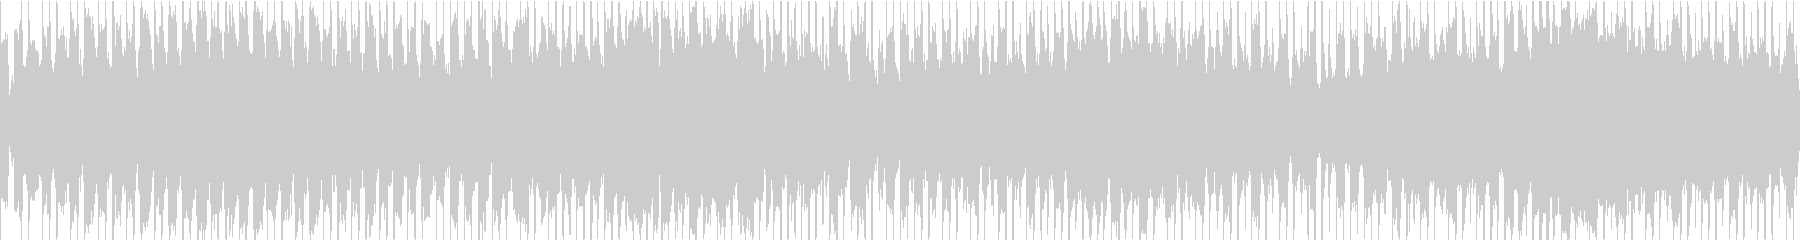 きらめき・シンプルで汎用性のあるループの未再生の波形